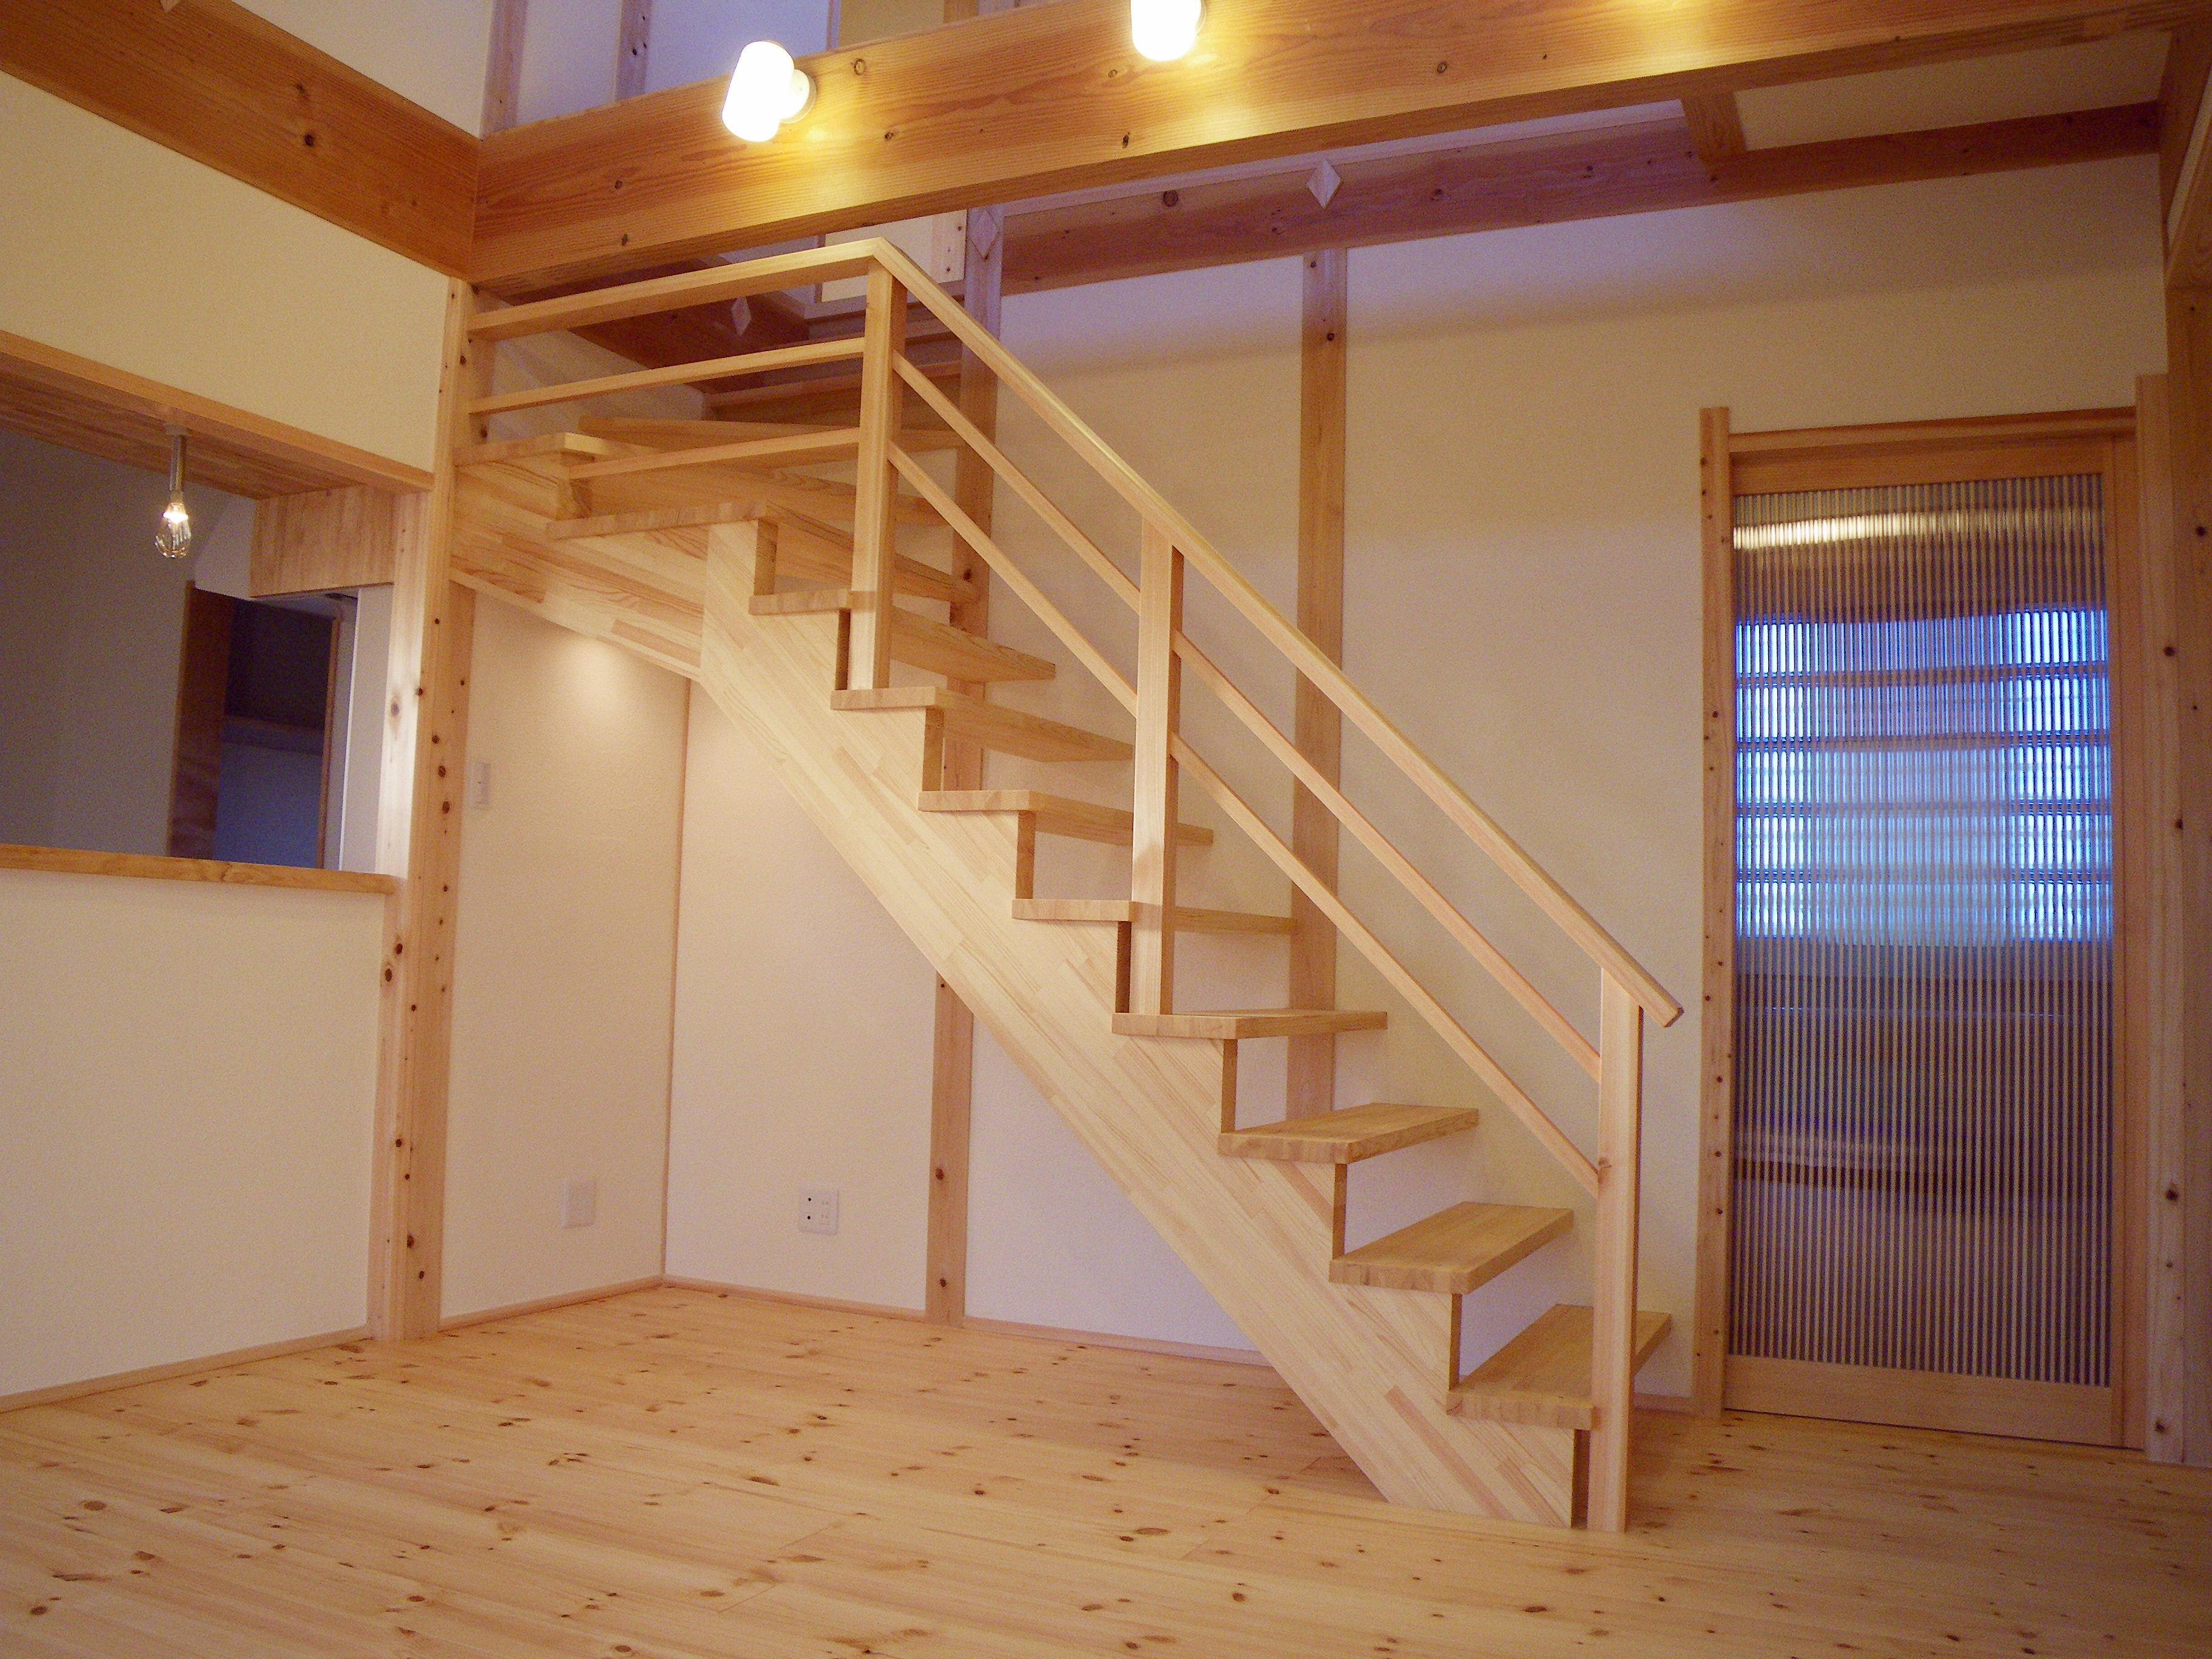 ダイナミックなリビング階段